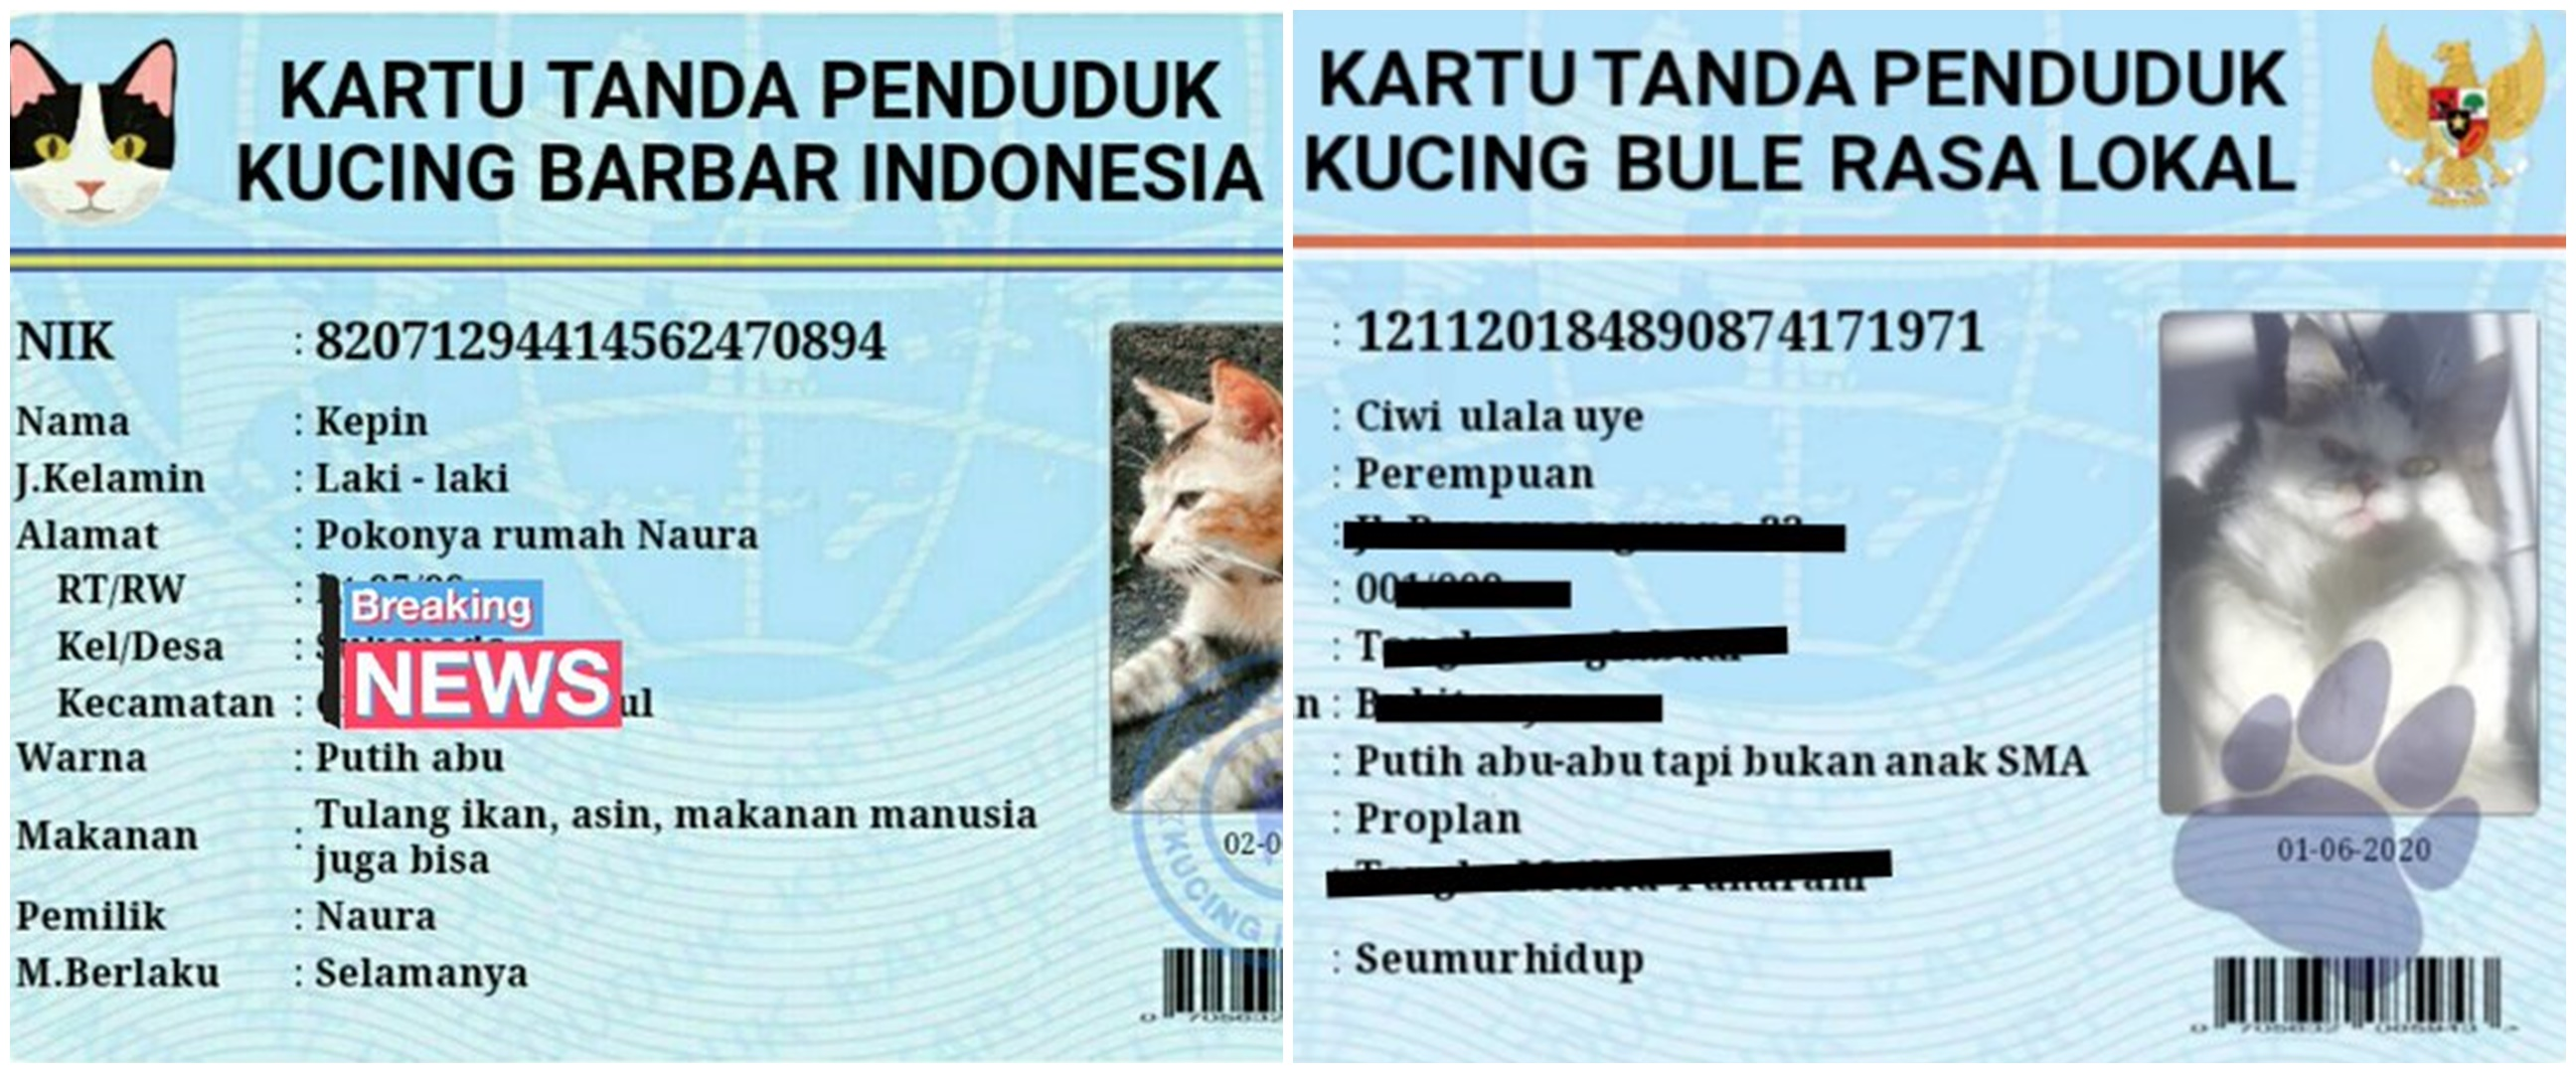 12 Potret lucu KTP kucing warganet +62, namanya unik-unik